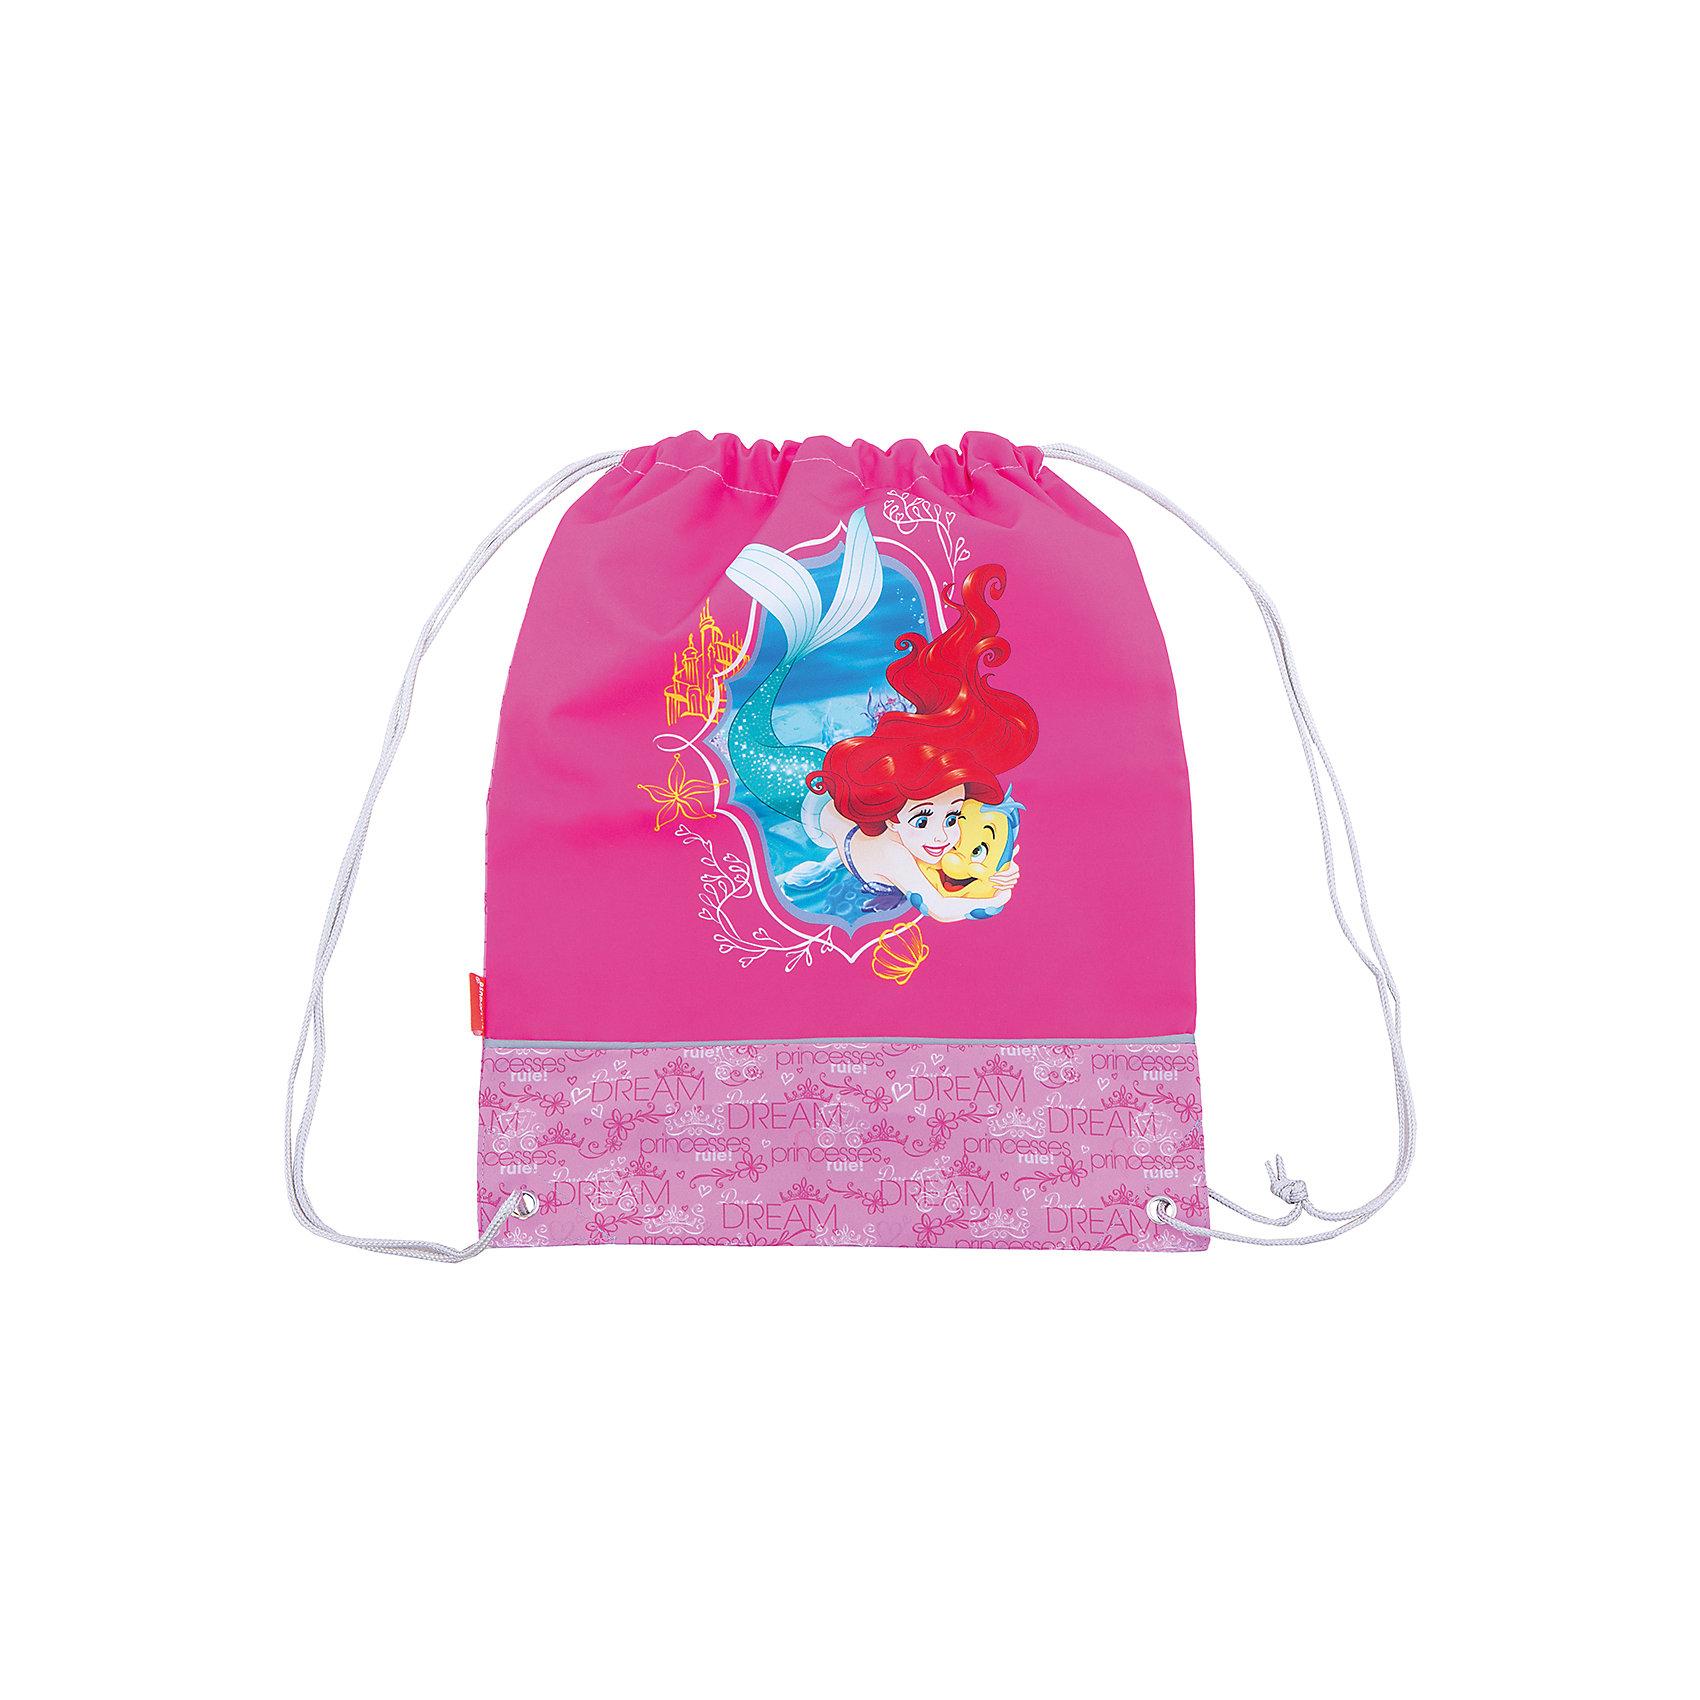 Сумка для сменной обуви Принцессы Disney Королевский балМешки для обуви<br>Характеристики товара:<br><br>• серия: Принцессы Disney Королевский бал<br>• материал: полиэстер<br>• размер: 44х35х2 см<br>• страна изготовитель: Китай<br>• страна бренда: Германия<br><br>Мешок для обуви ErichKrause позволяет школьнику носить с собой сменную обувь – в школу или на секции. Мешок для обуви оснащен шнурком для стягивания. <br><br>Erich Krause Сумка для сменной обуви Принцессы Disney Королевский бал можно купить в нашем интернет-магазине.<br><br>Ширина мм: 440<br>Глубина мм: 350<br>Высота мм: 10<br>Вес г: 90<br>Возраст от месяцев: 72<br>Возраст до месяцев: 96<br>Пол: Женский<br>Возраст: Детский<br>SKU: 6842732